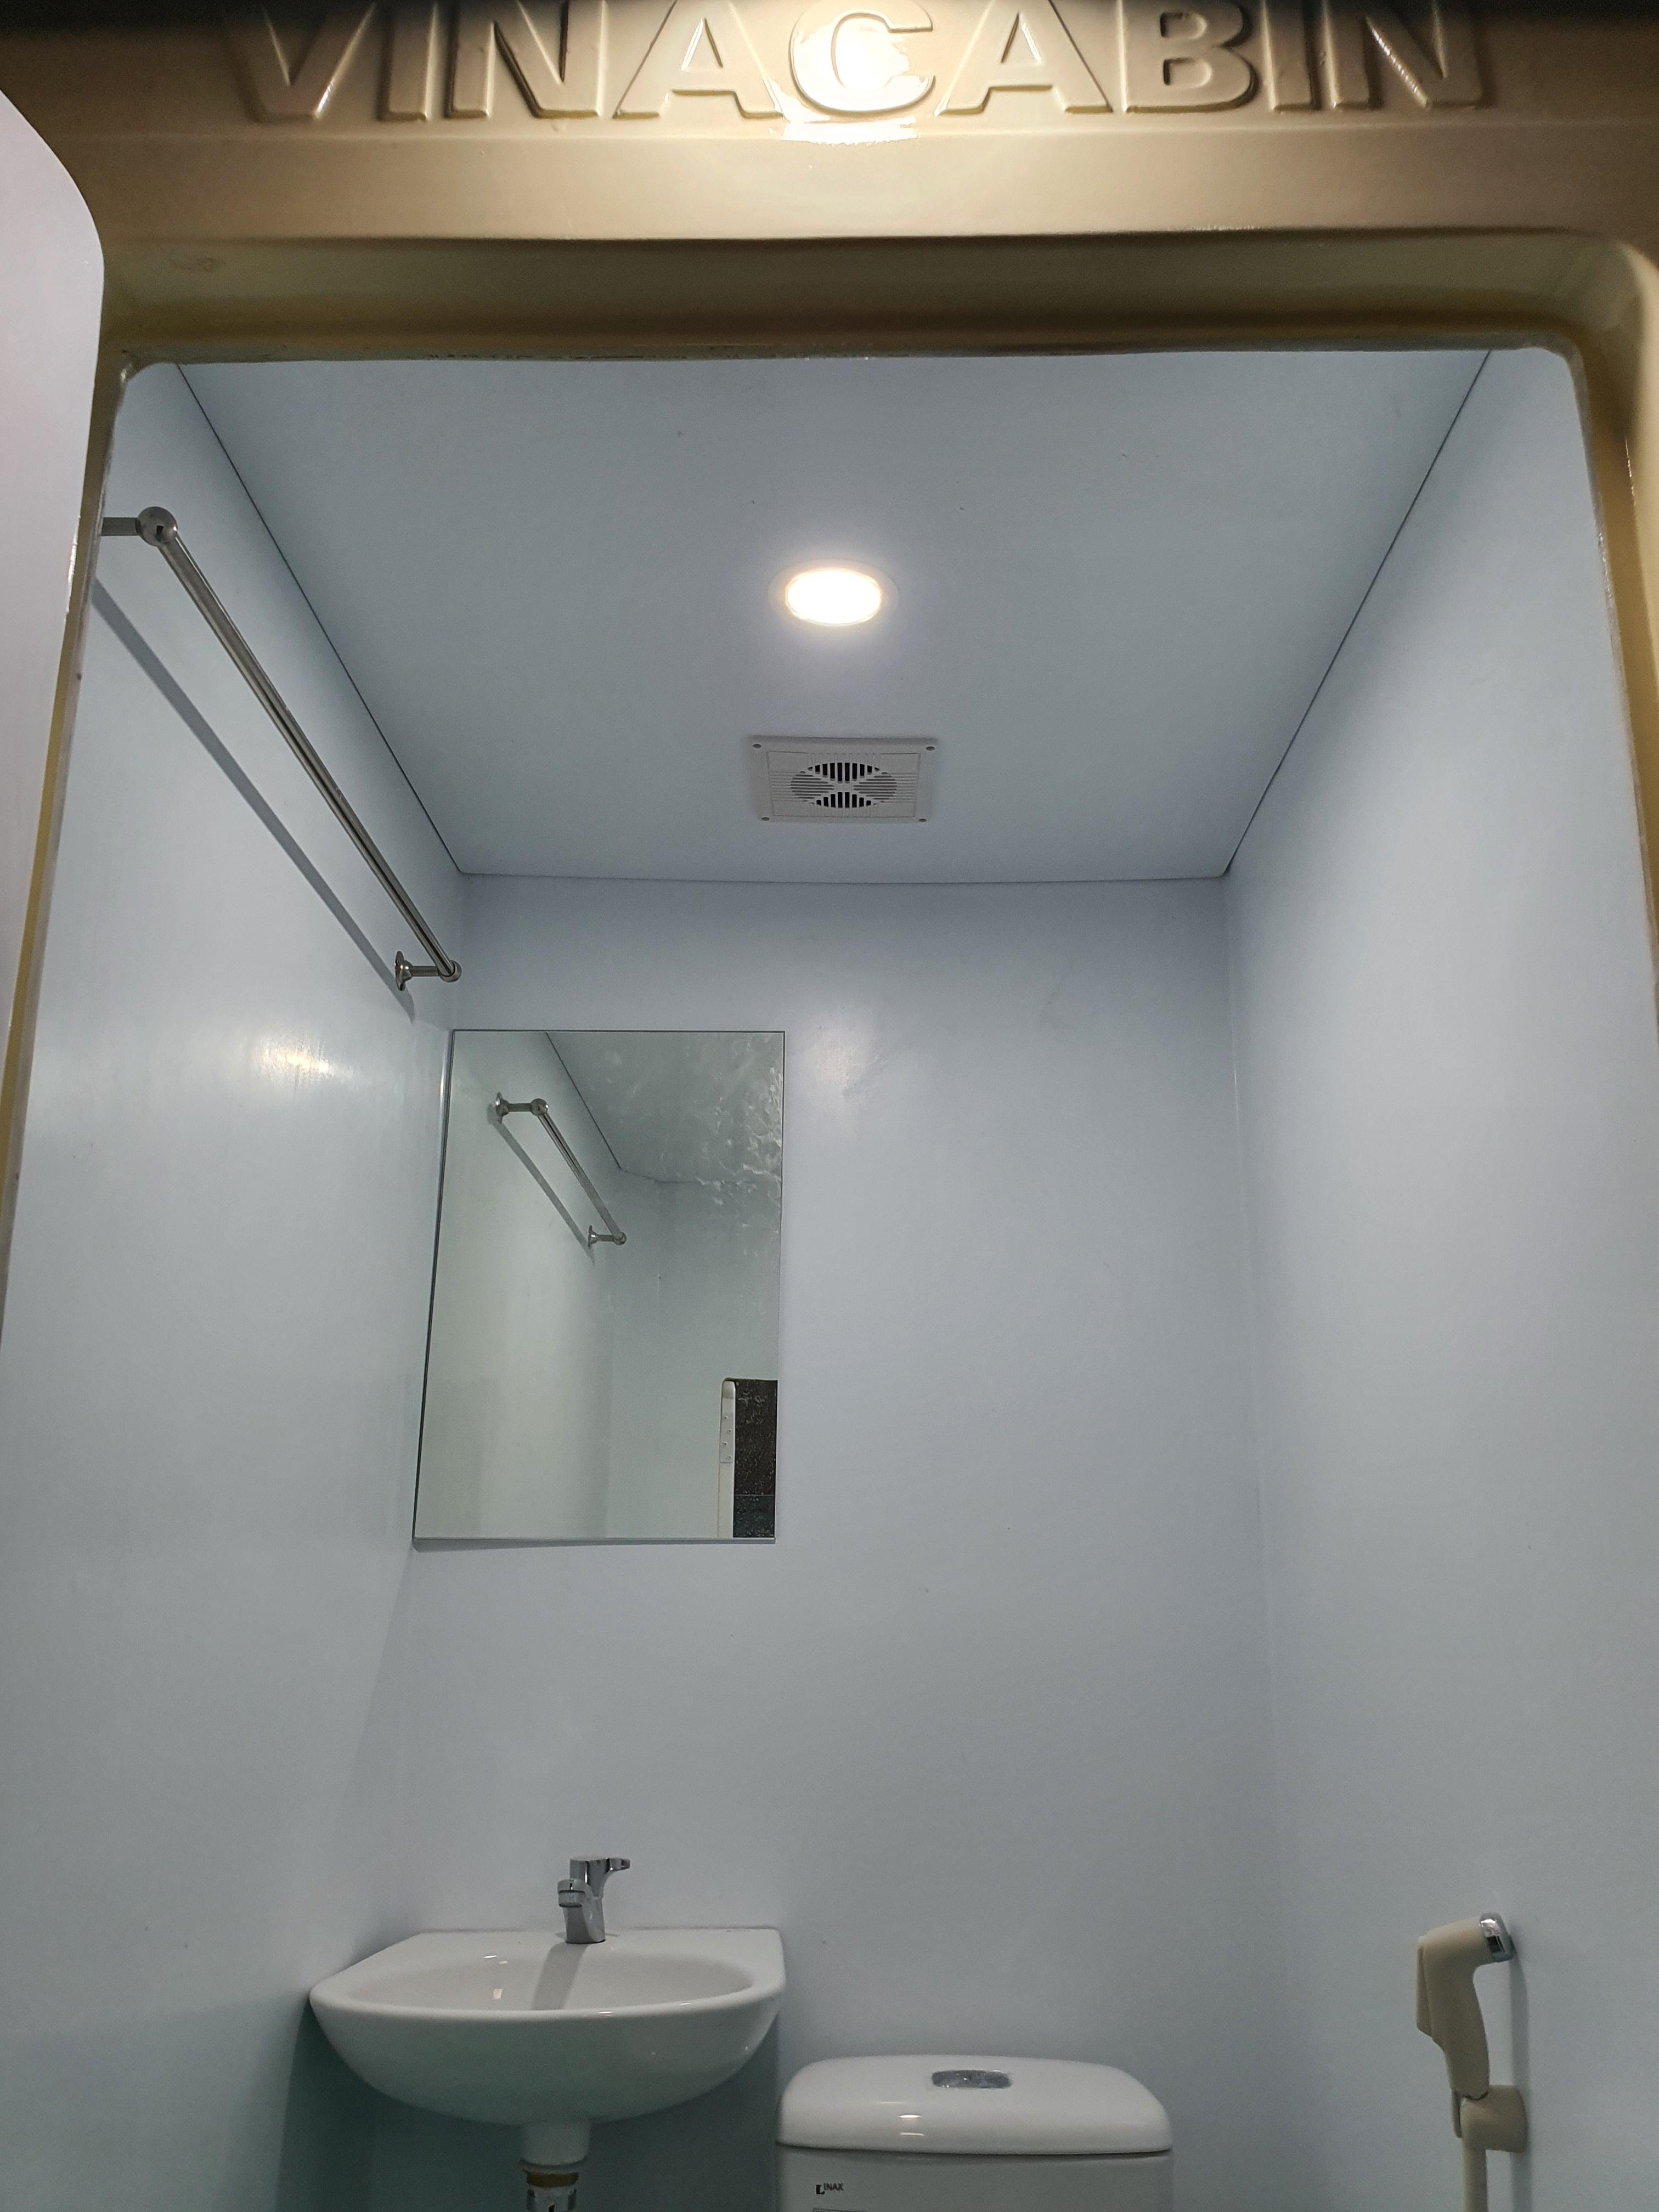 Nhà vệ sinh được trang bị cả đèn trong và đèn ngoài